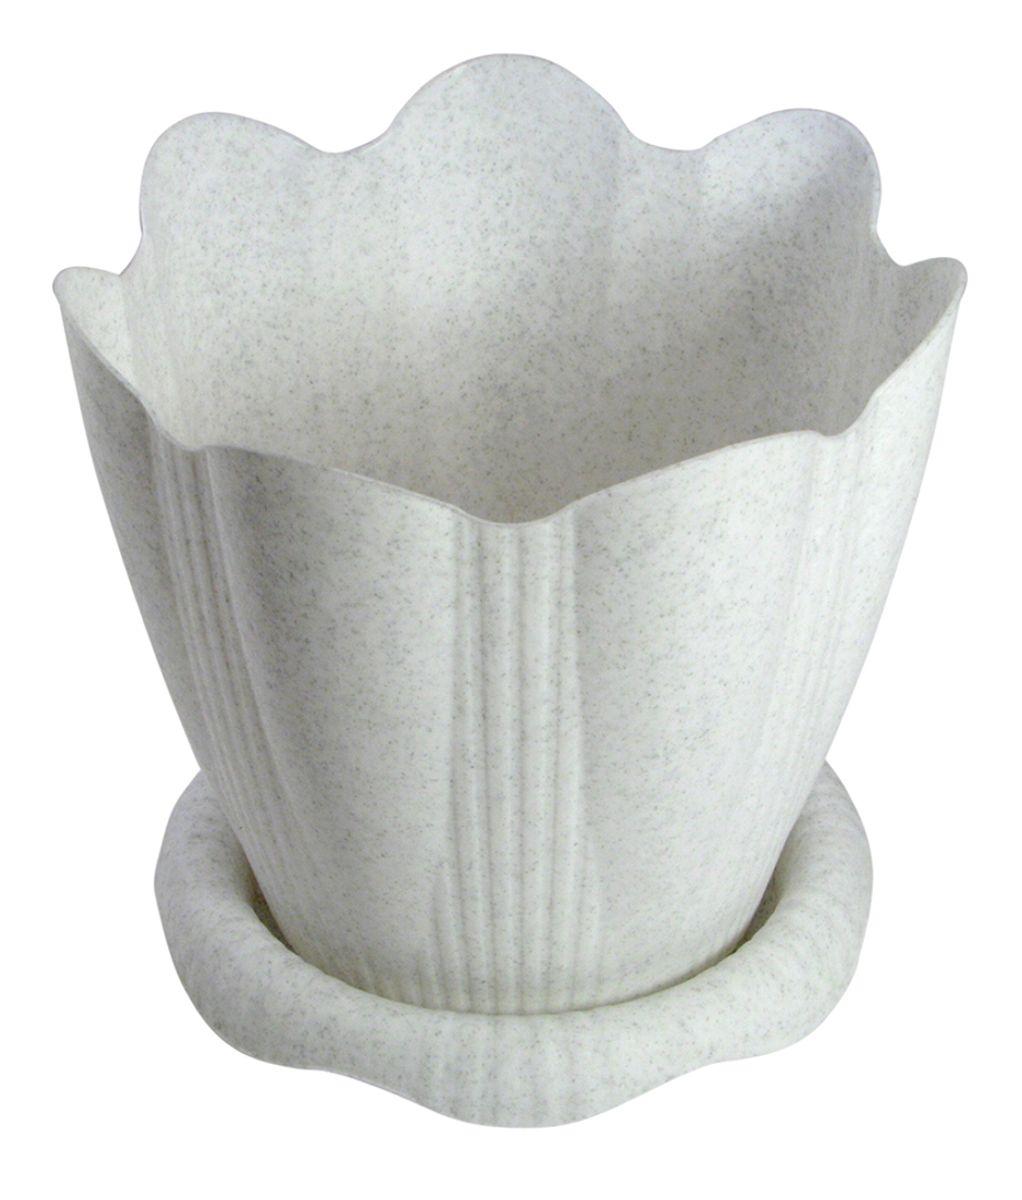 Горшок для цветов Martika Эдельвейс, с поддоном, цвет: мрамор, 3 лMRC192MПластиковое изделие для дома, соответствующее всем необходимым санитарным нормам и стандартам качества. Изготовлено для цветоводства и растениеводства. Рекомендуется для выращивания растений дома и на приусадебных участках.